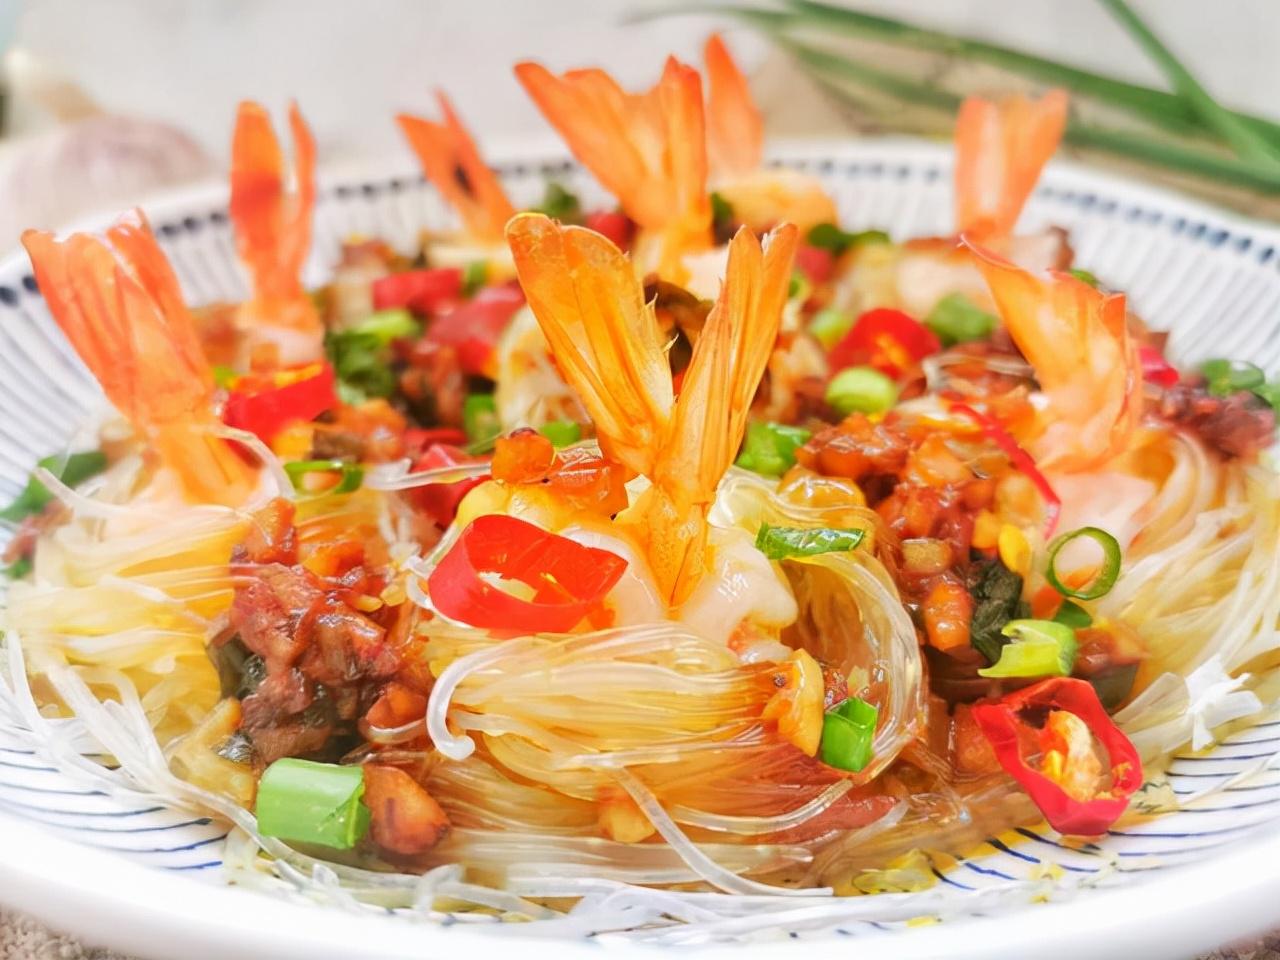 入秋后多吃蒸菜,这5道菜营养高好消化,蒸一蒸15分钟上桌,简单